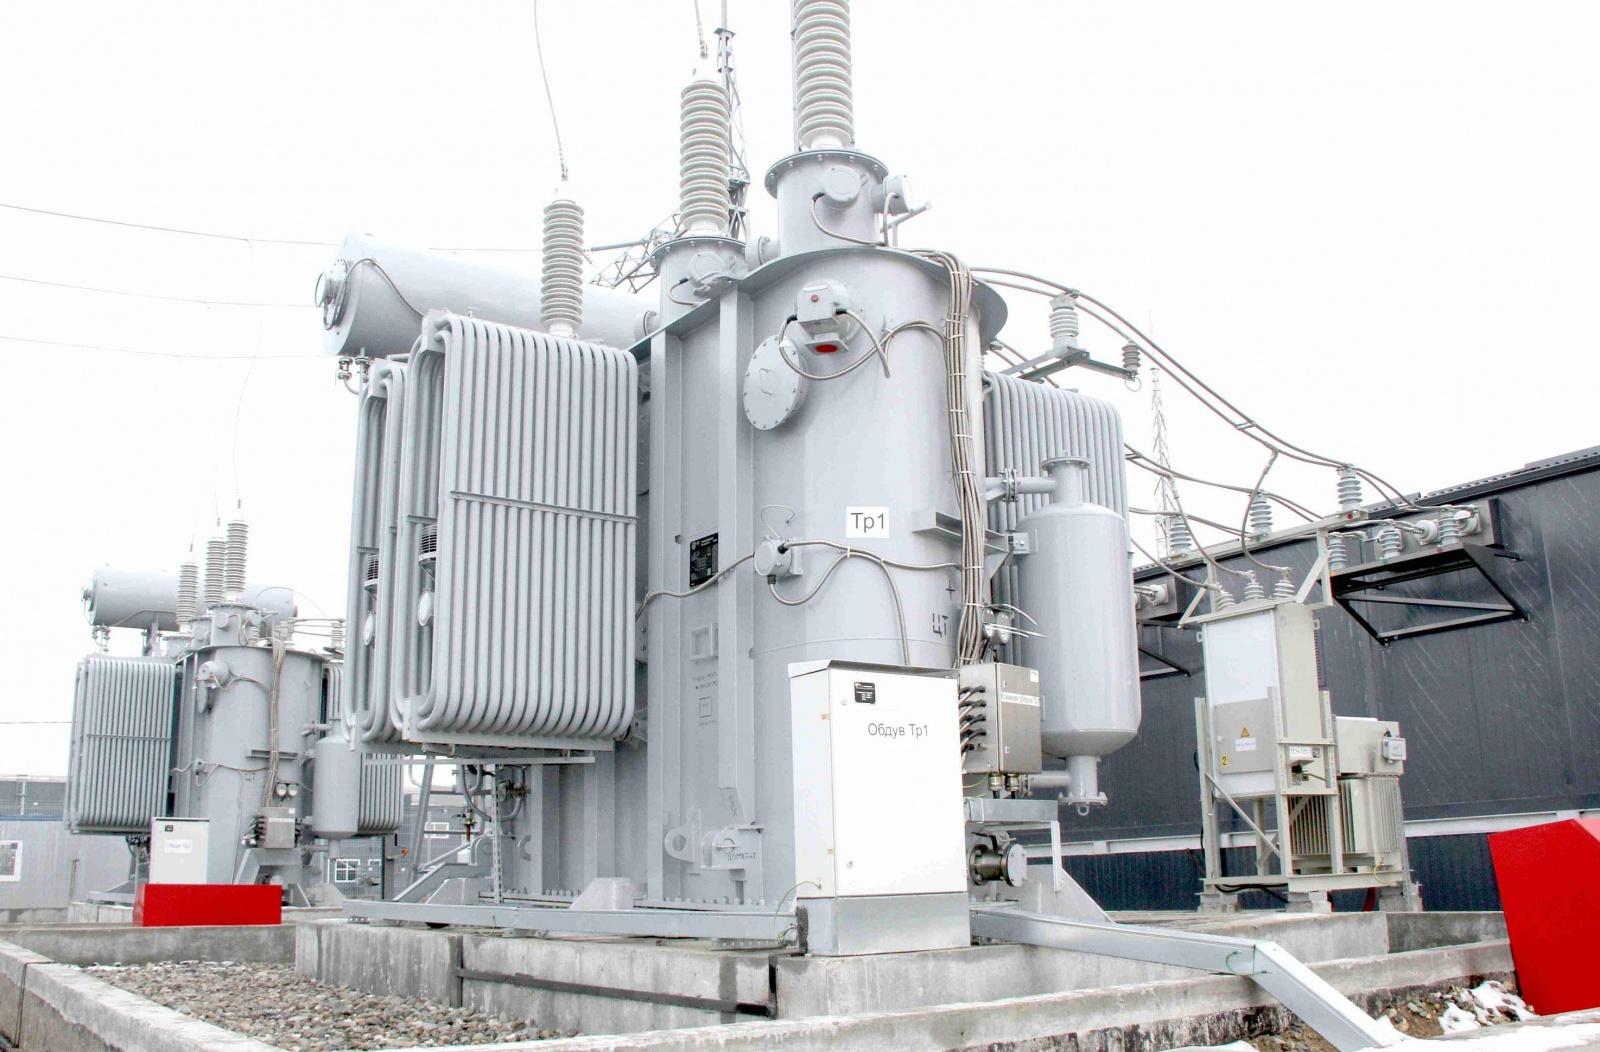 Ветер, саранча и дедлайн: как мы строили электроподстанцию - 1